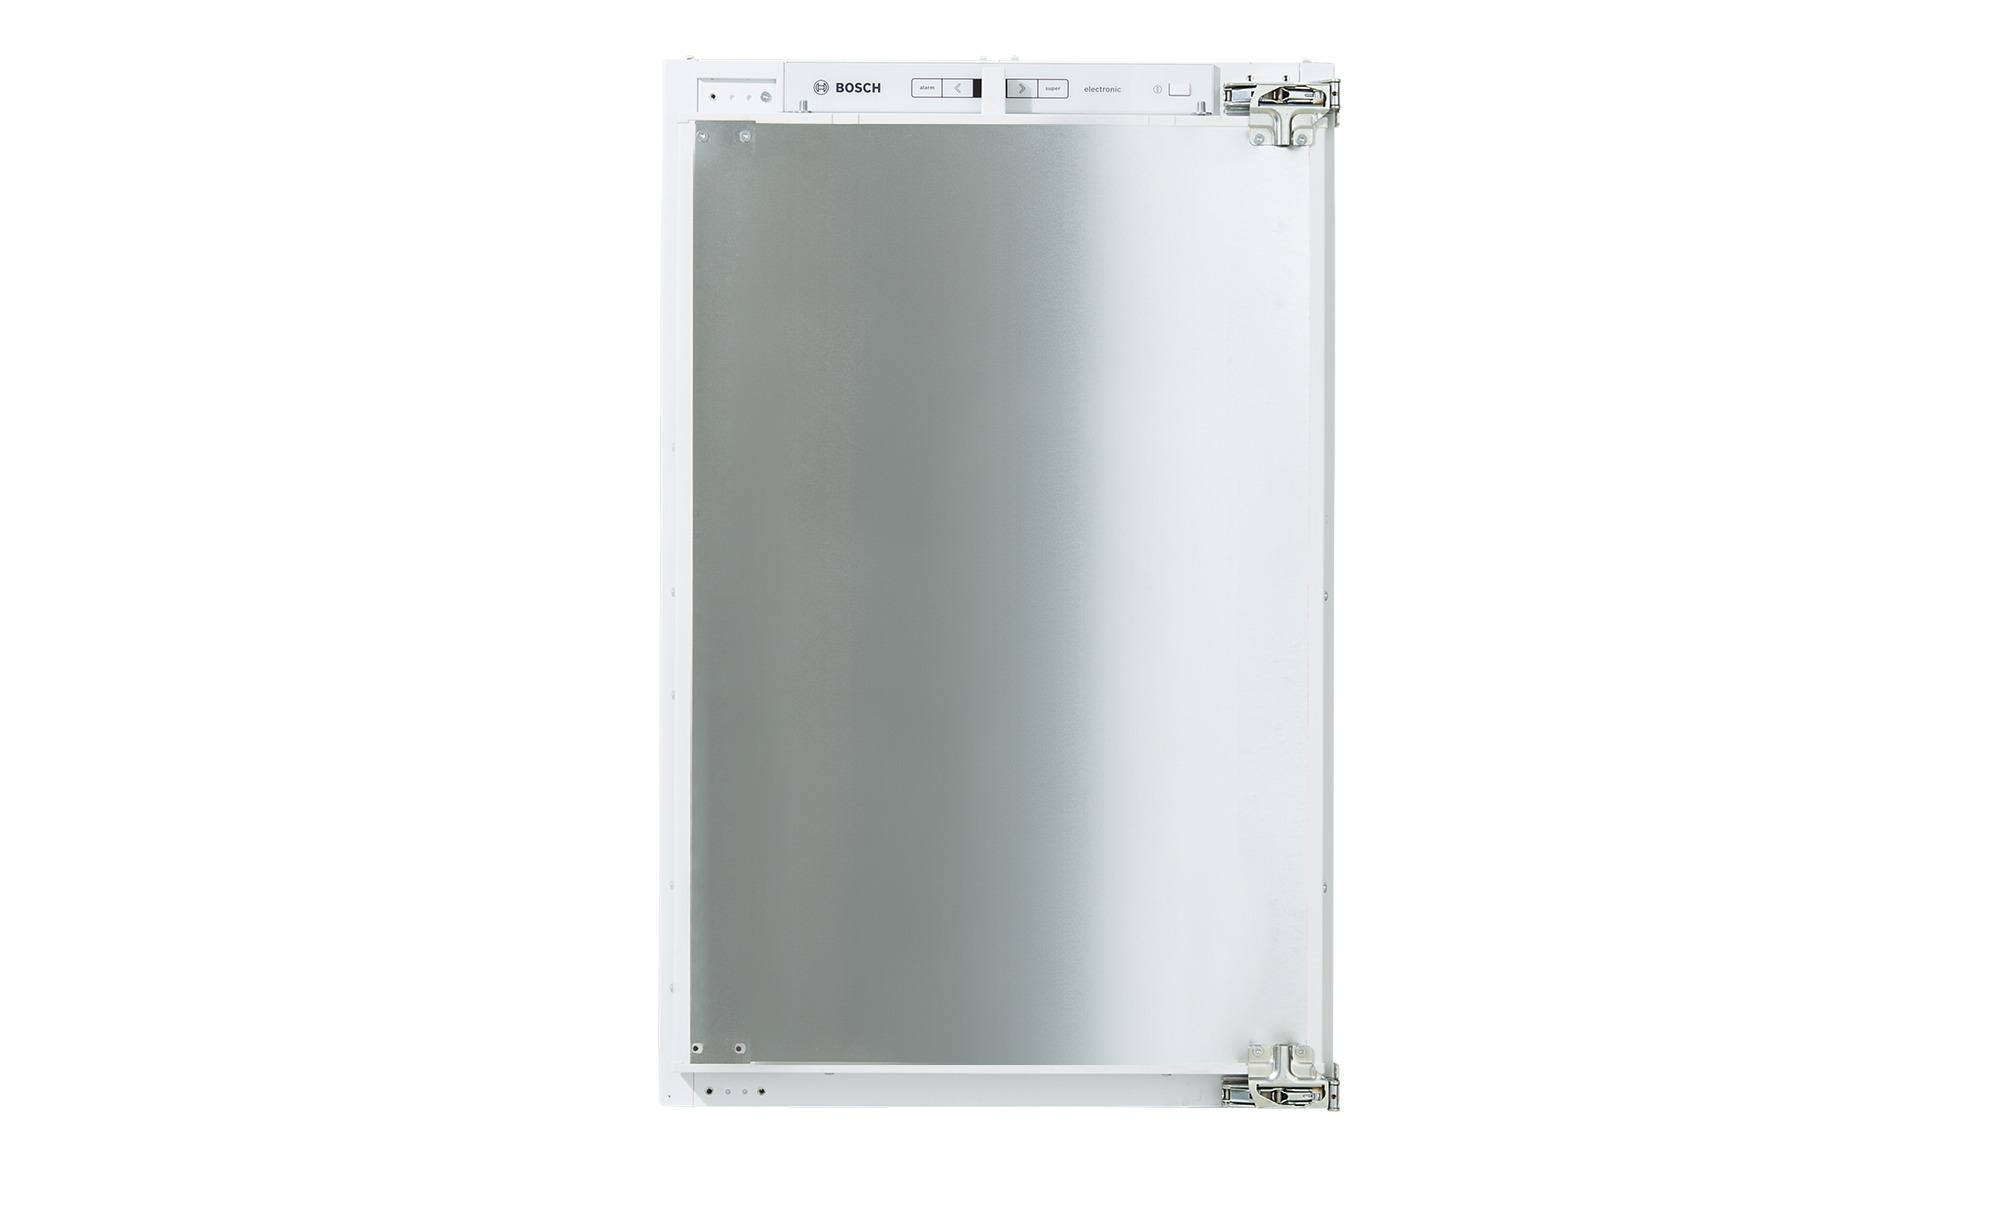 Bosch Kühlschrank Serie 8 : Bosch kühlschrank retro sypad kostenlos privat anzeigen